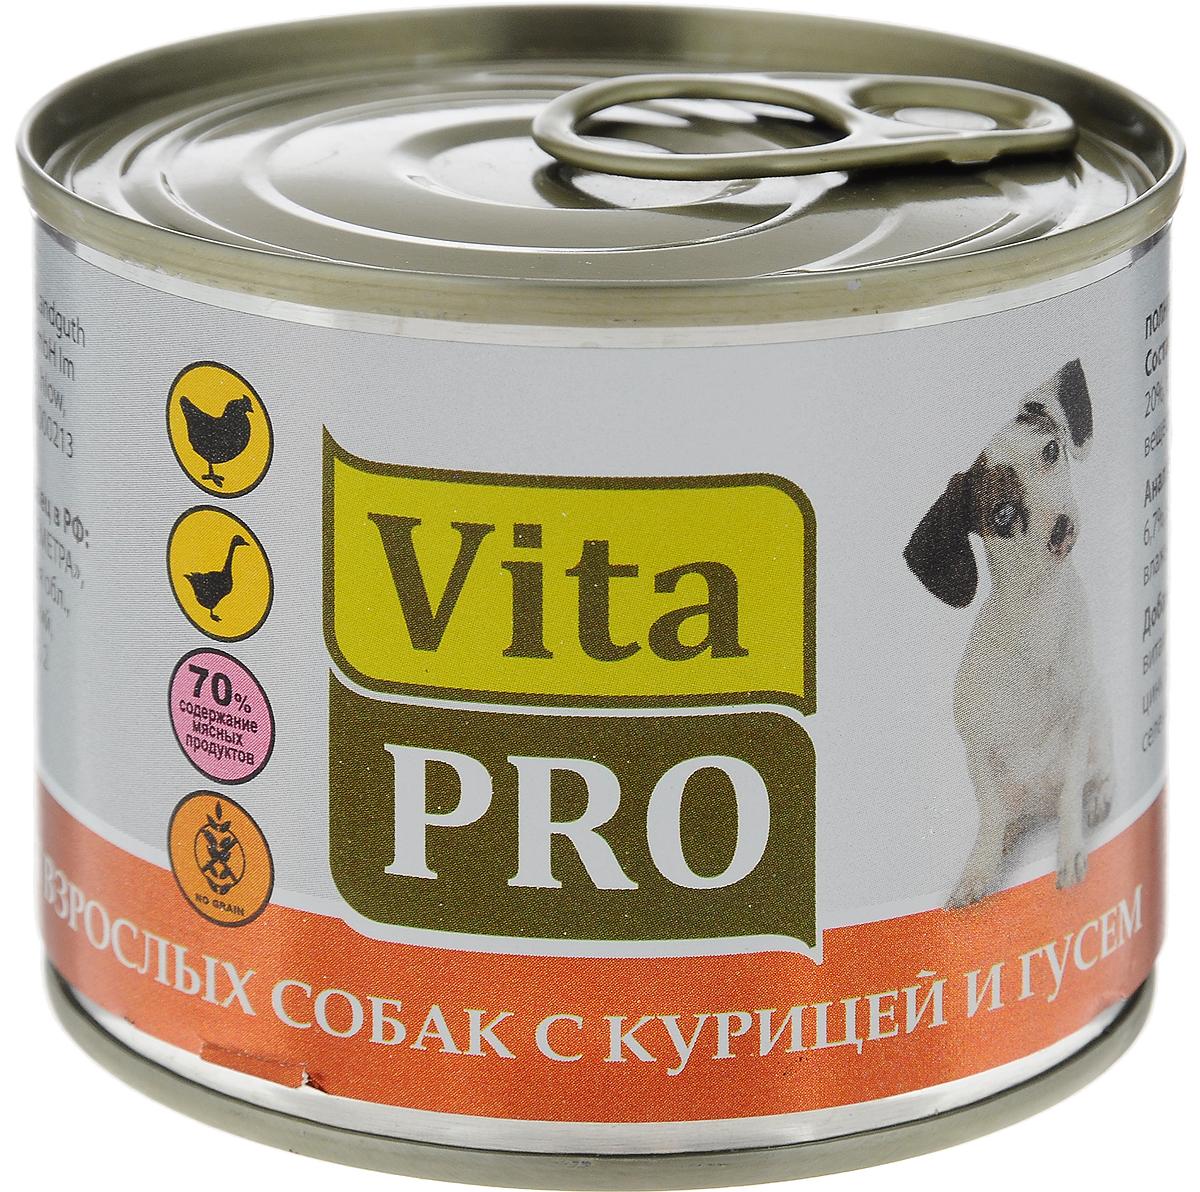 Консервы Vita ProМясное меню для собак, курица и гусь, 200 г90011Корм из натурального мяса без овощей и злаков с добавлением кальция для растущего организма. Не содержит искусственных красителей и усилителей вкуса. Крупнофаршевая текстура.